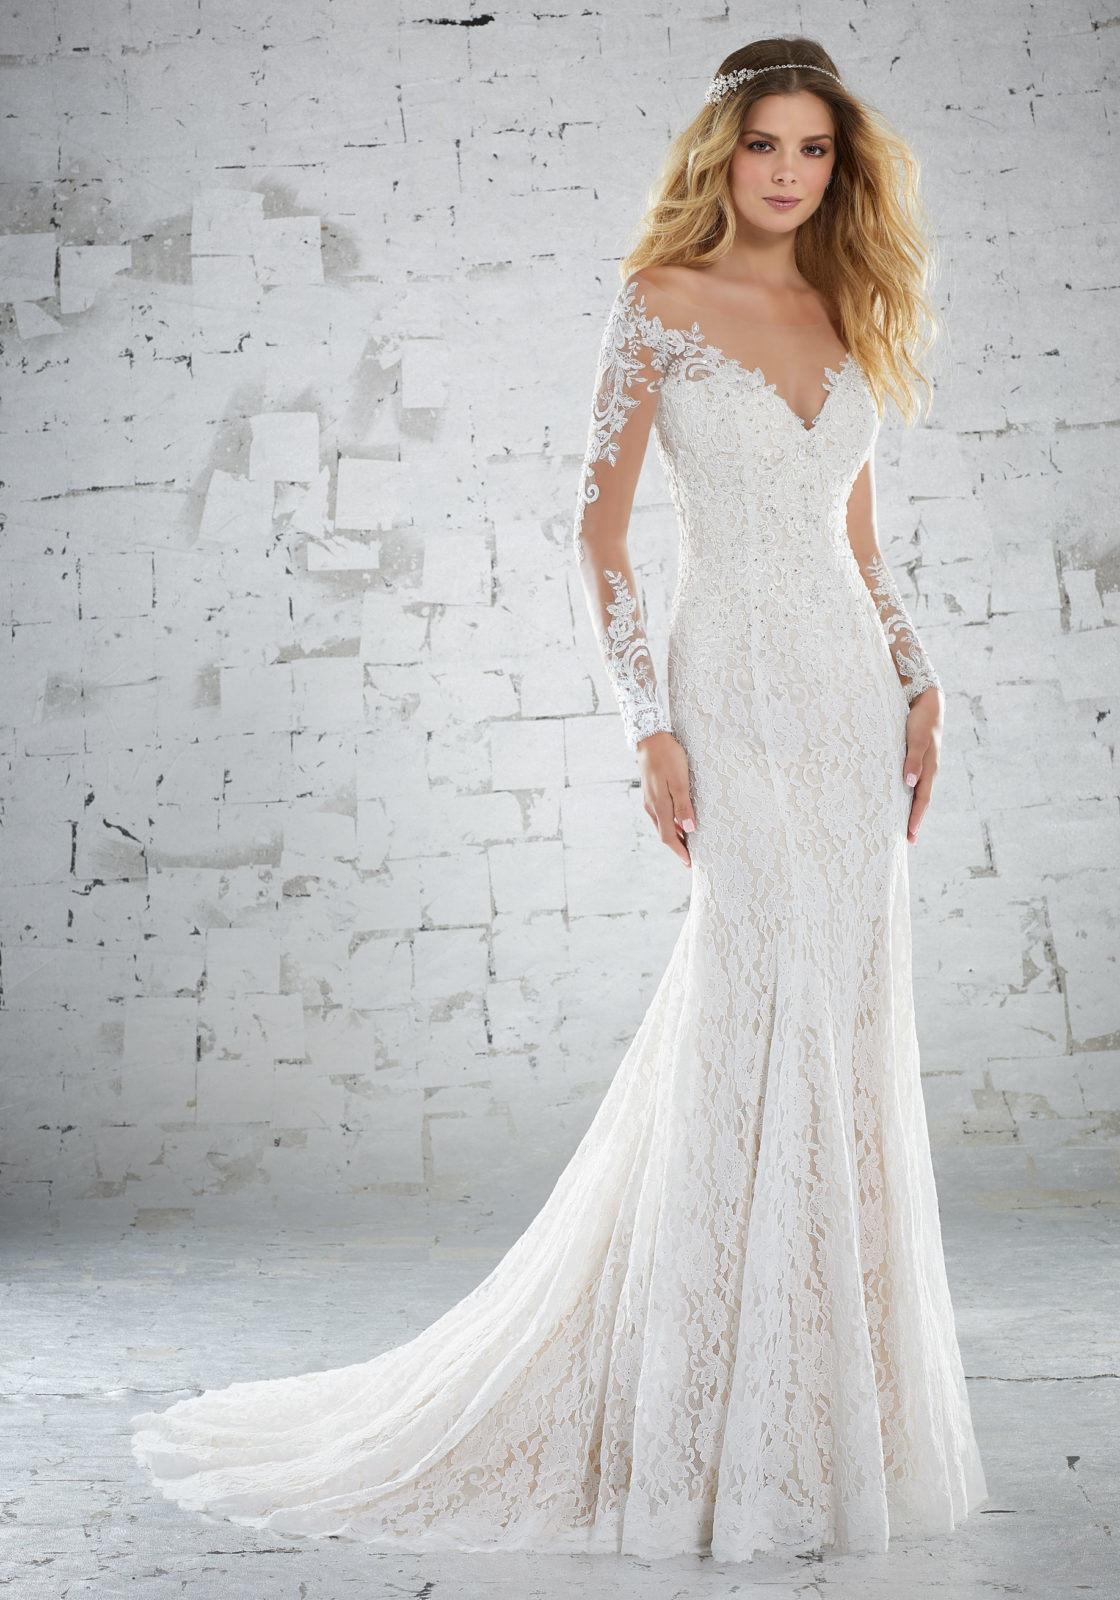 Beach Wedding Dresses.Hot Item Lace Bridal Gowns Long Sleeves Lace Mermaid Beach Wedding Dresses Y6888